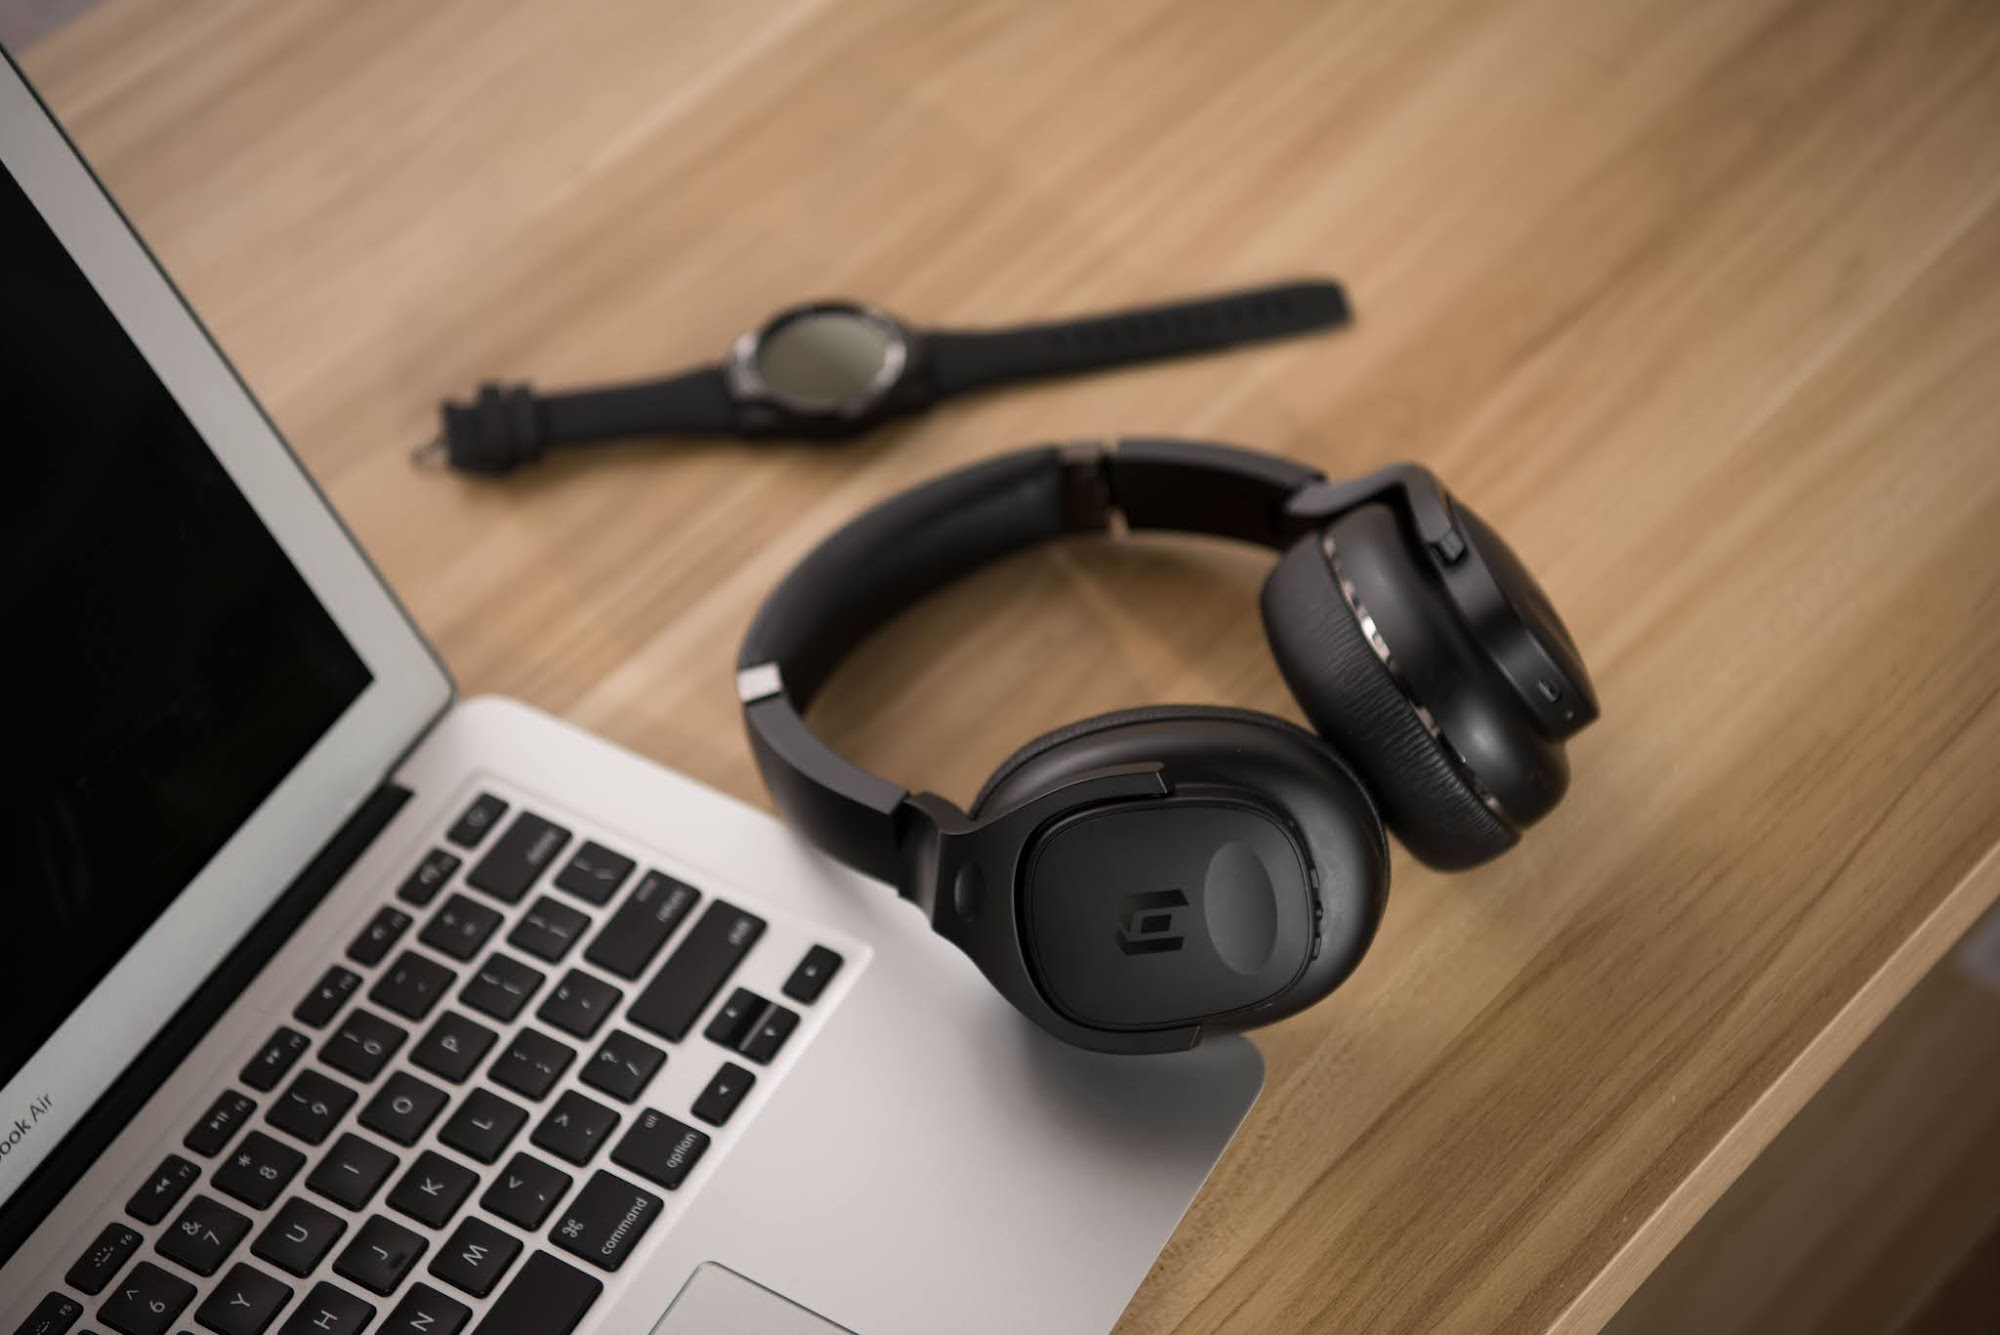 Mobvoi präsentiert TicKasa | Ein günstiger ANC Over-Ear Kopfhörer mit Qualcomm ® aptXTM HD Audio und AAC-Audio-Codecs und langer Laufleistung